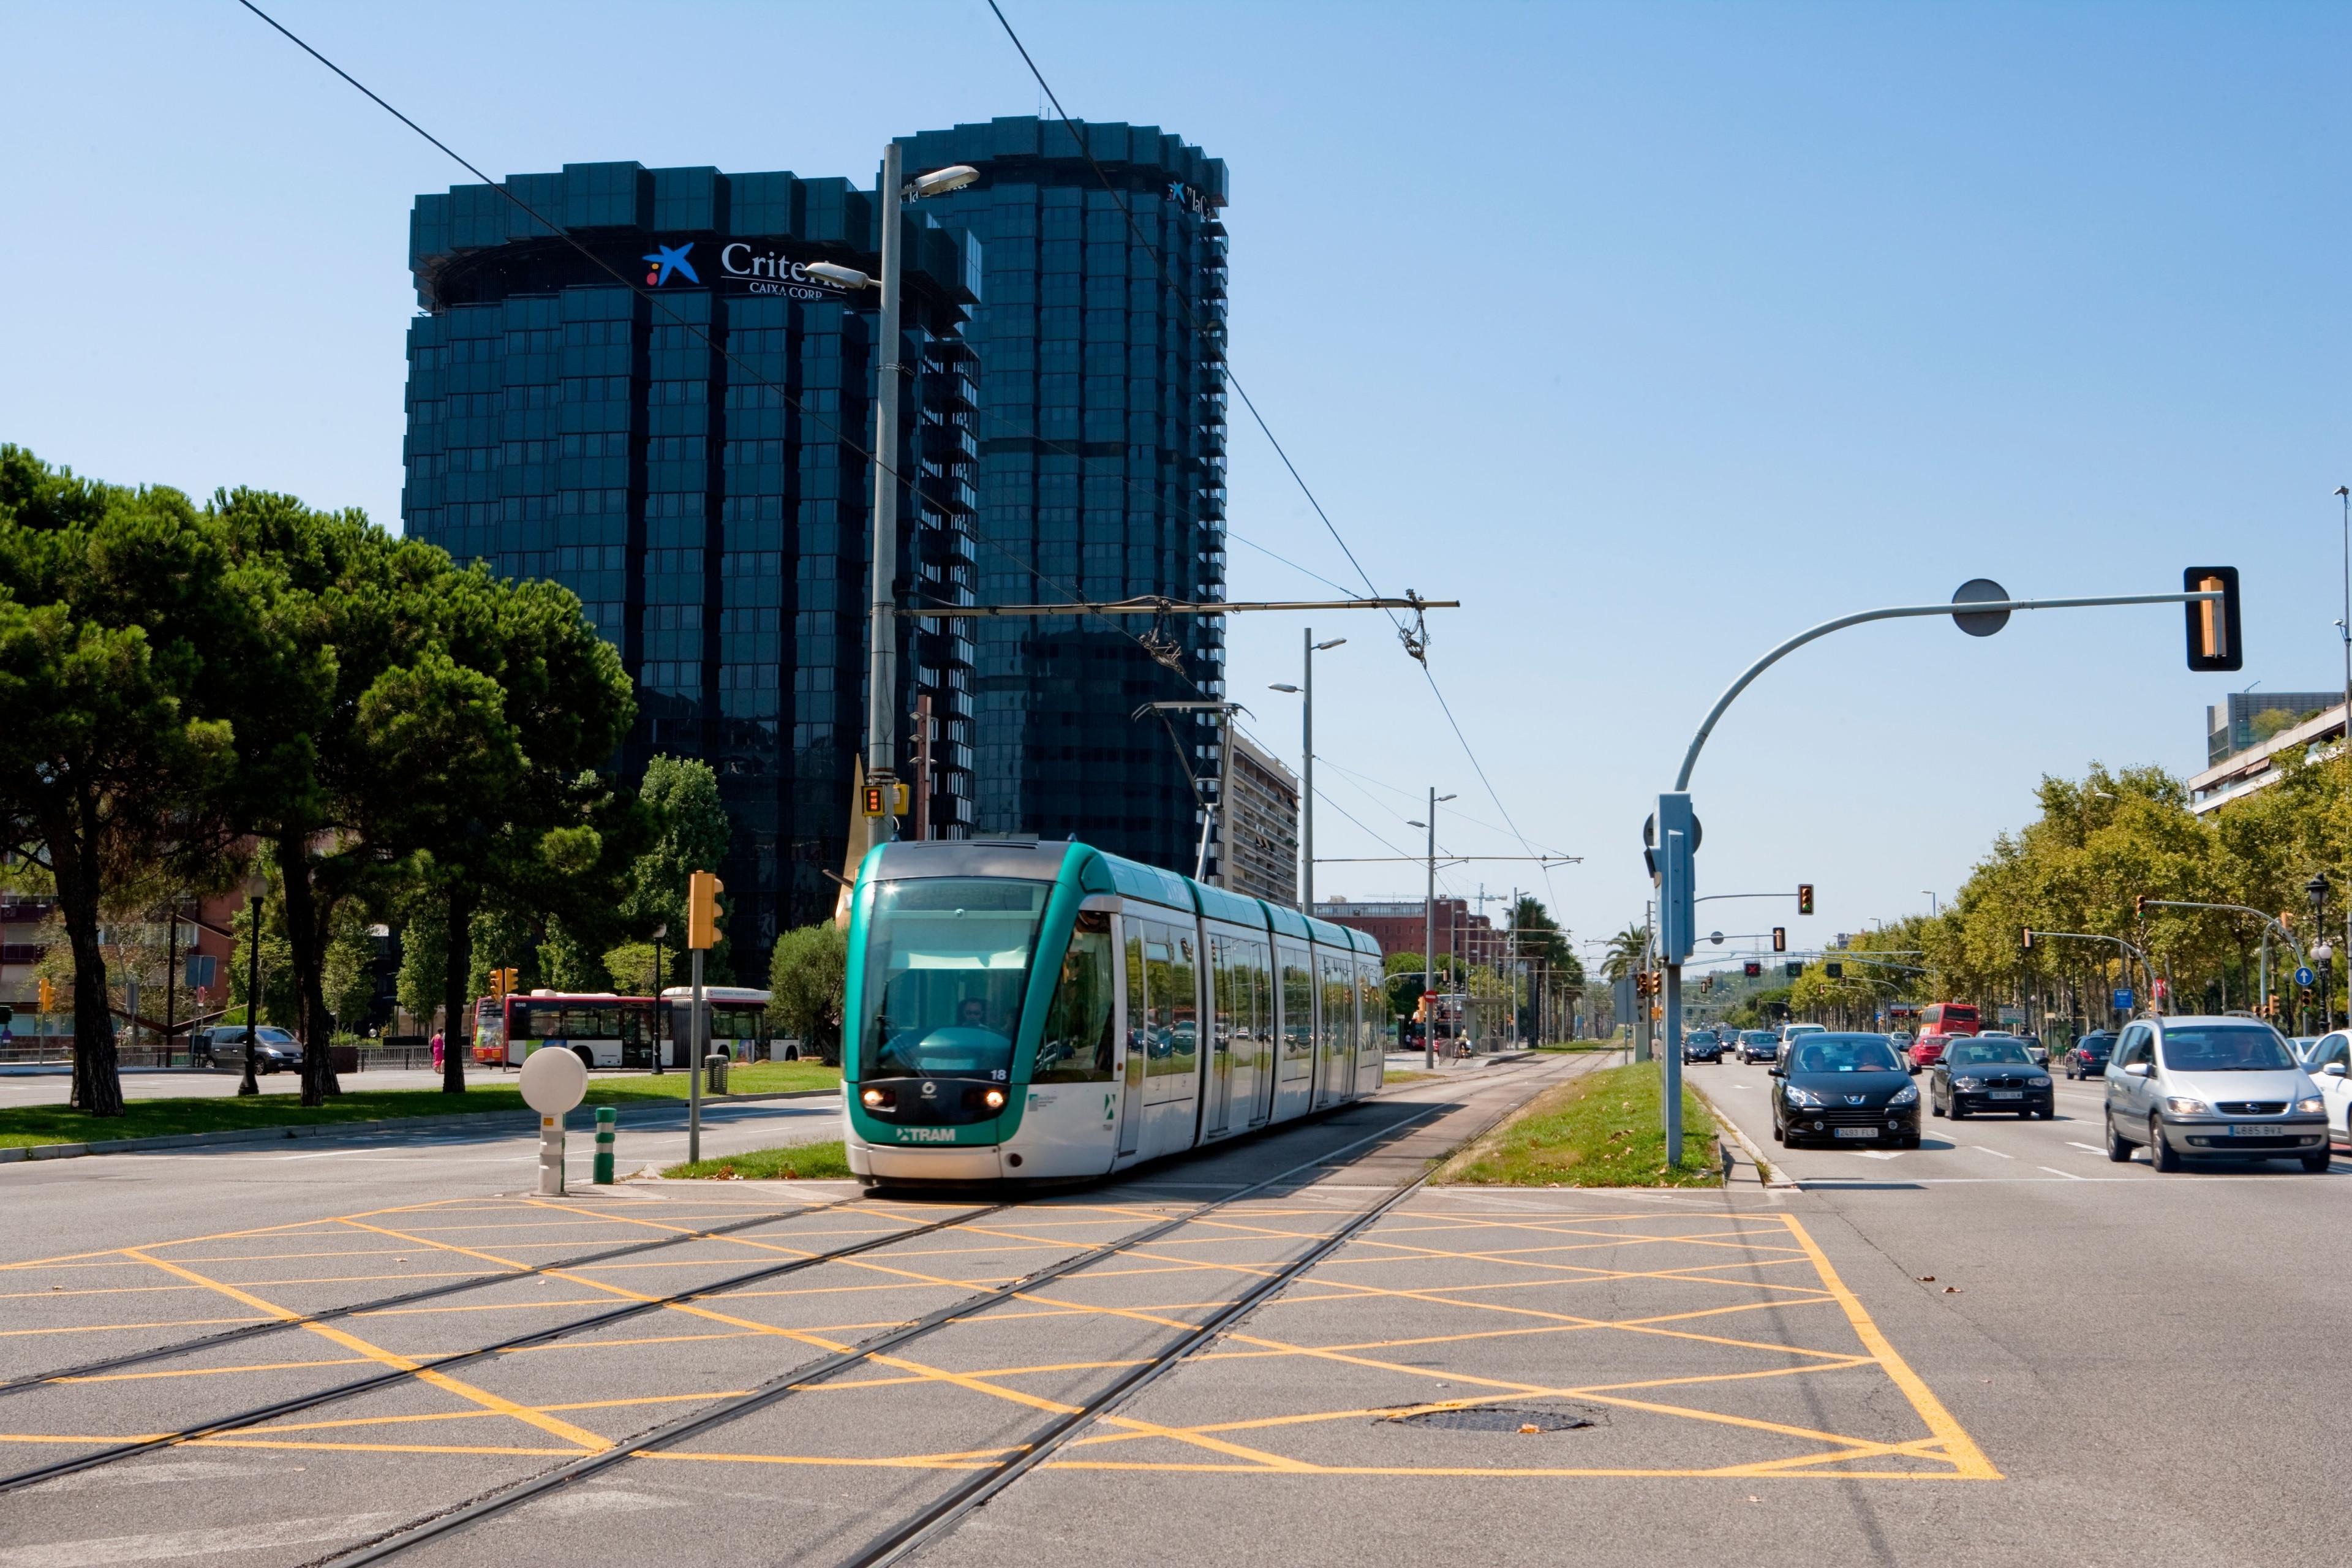 Les Corts, Barcelona, Cataluña, España